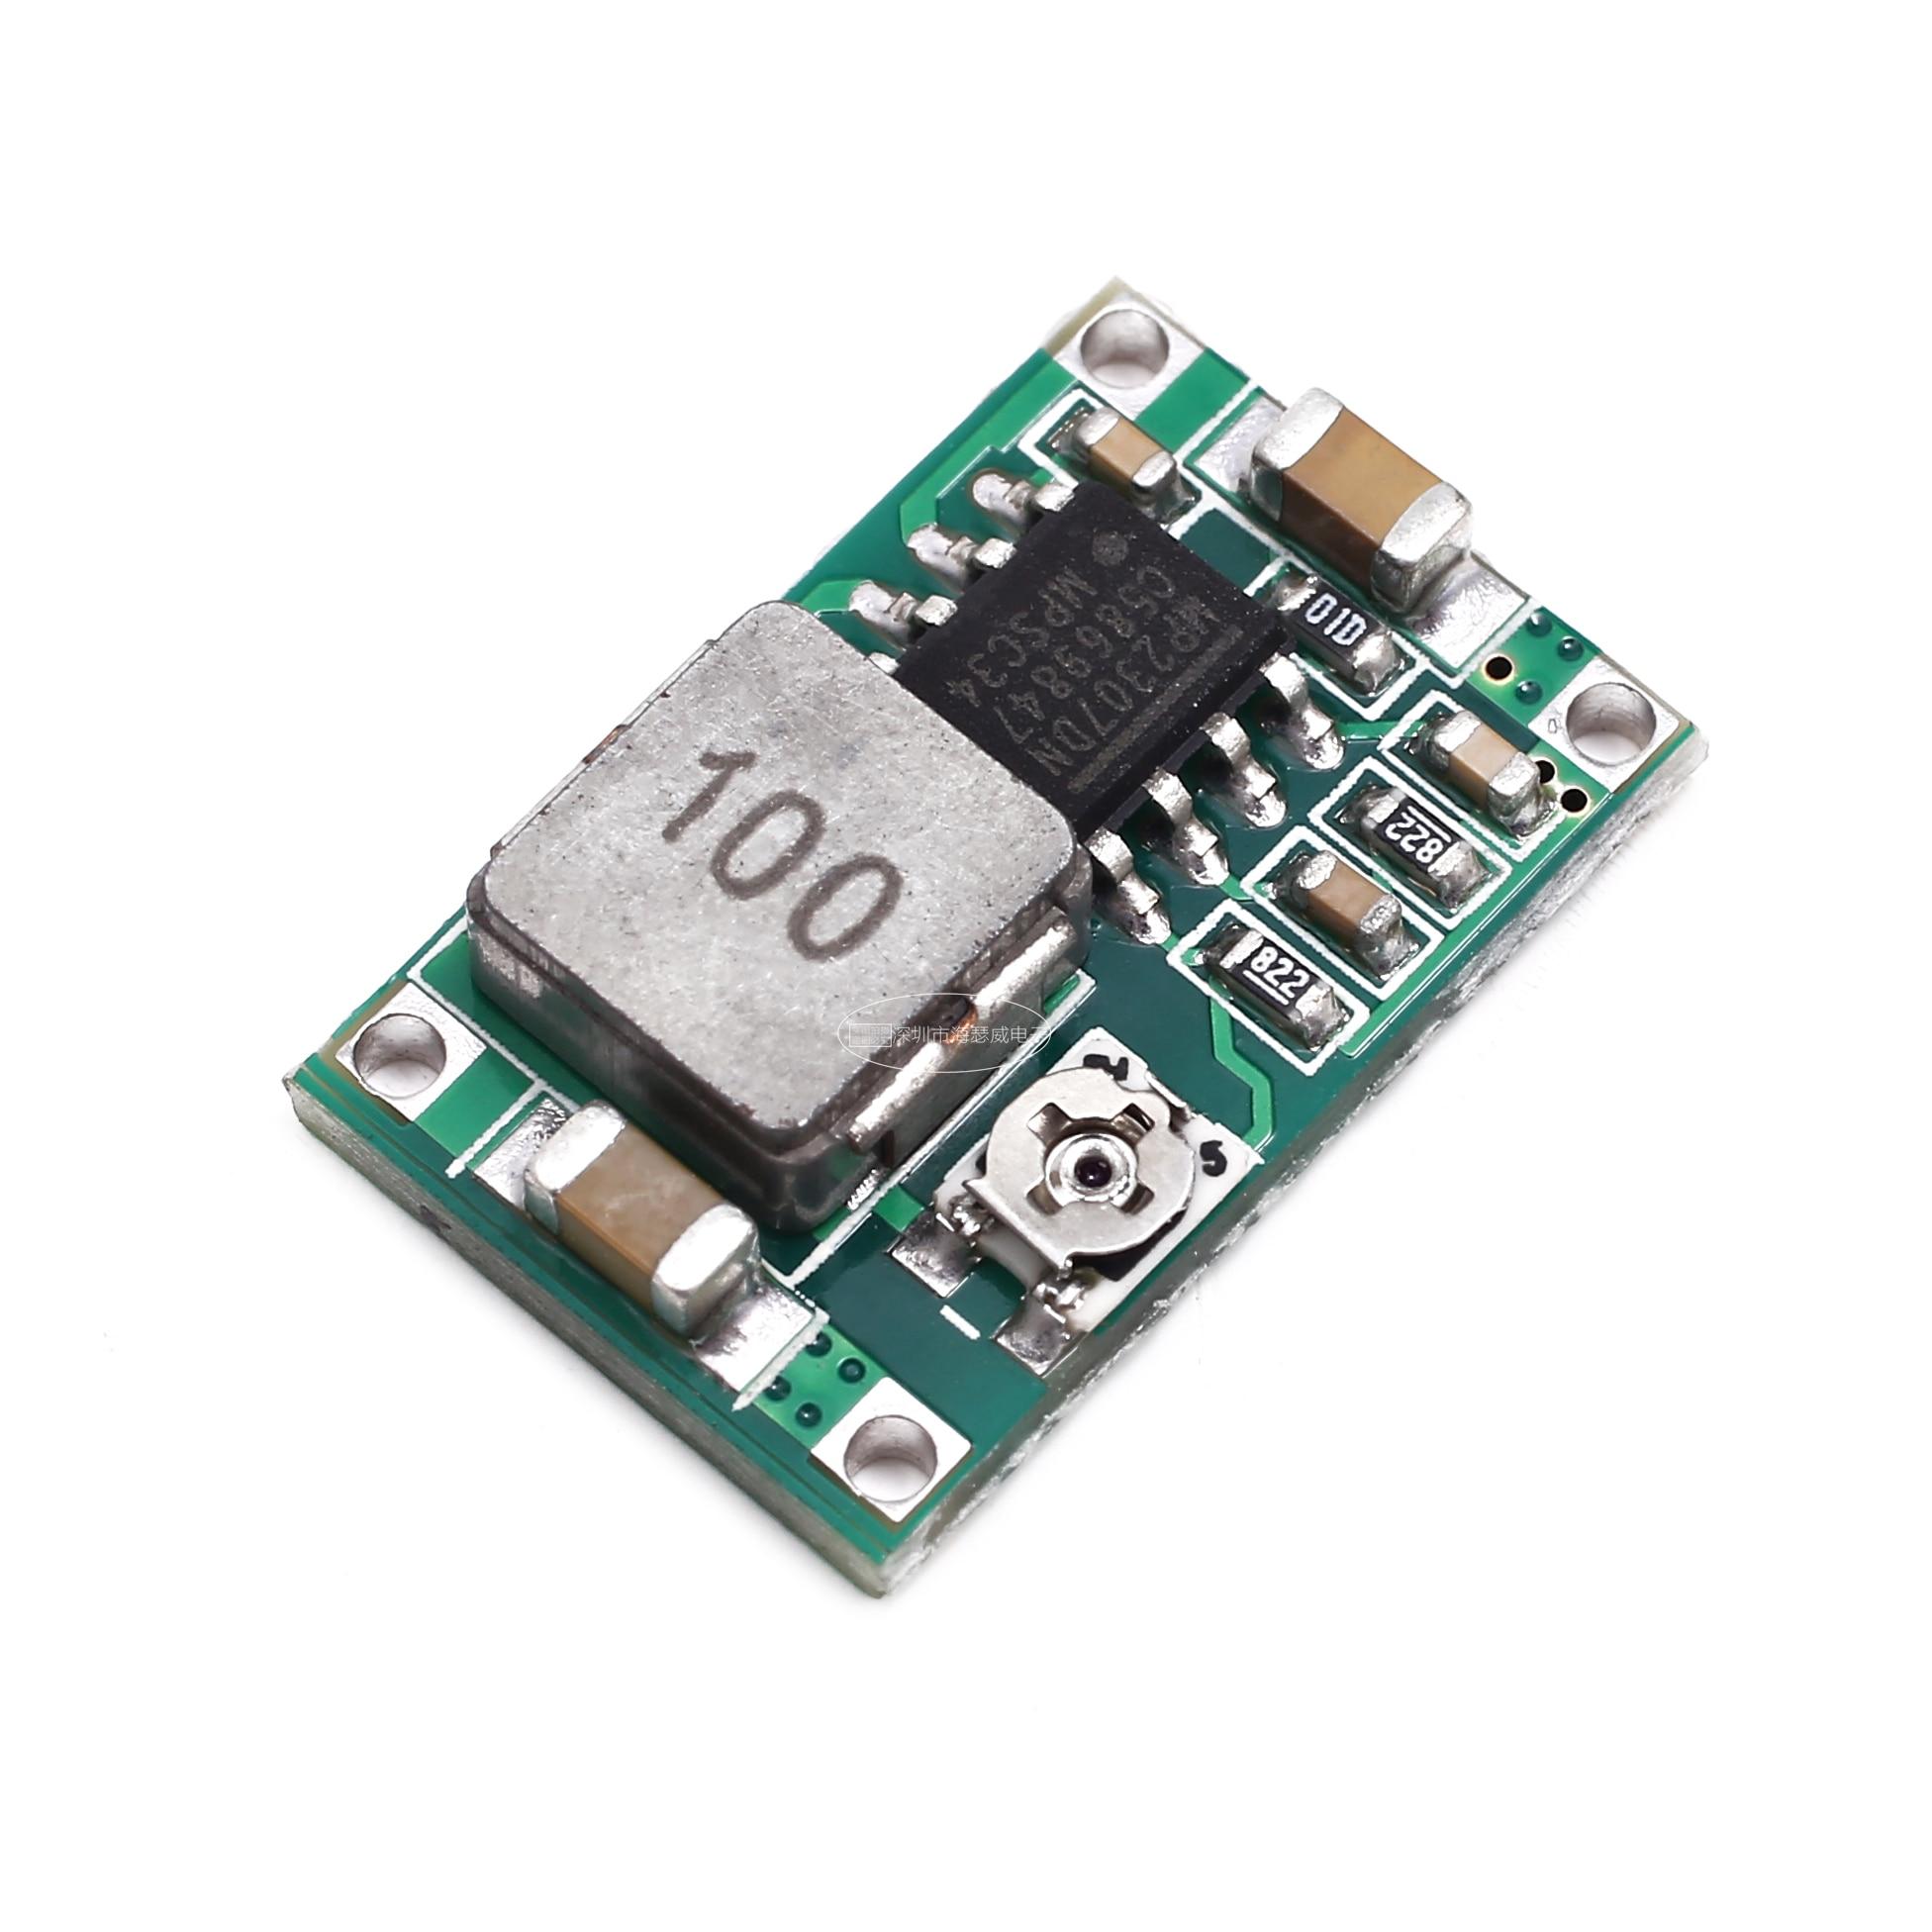 10 шт. Mini360 DC-DC/DC понижающий преобразователь подпушка модуля 4,75 в-23 в до 1V-17 в 17x11x3,8 мм SG125-SZ +